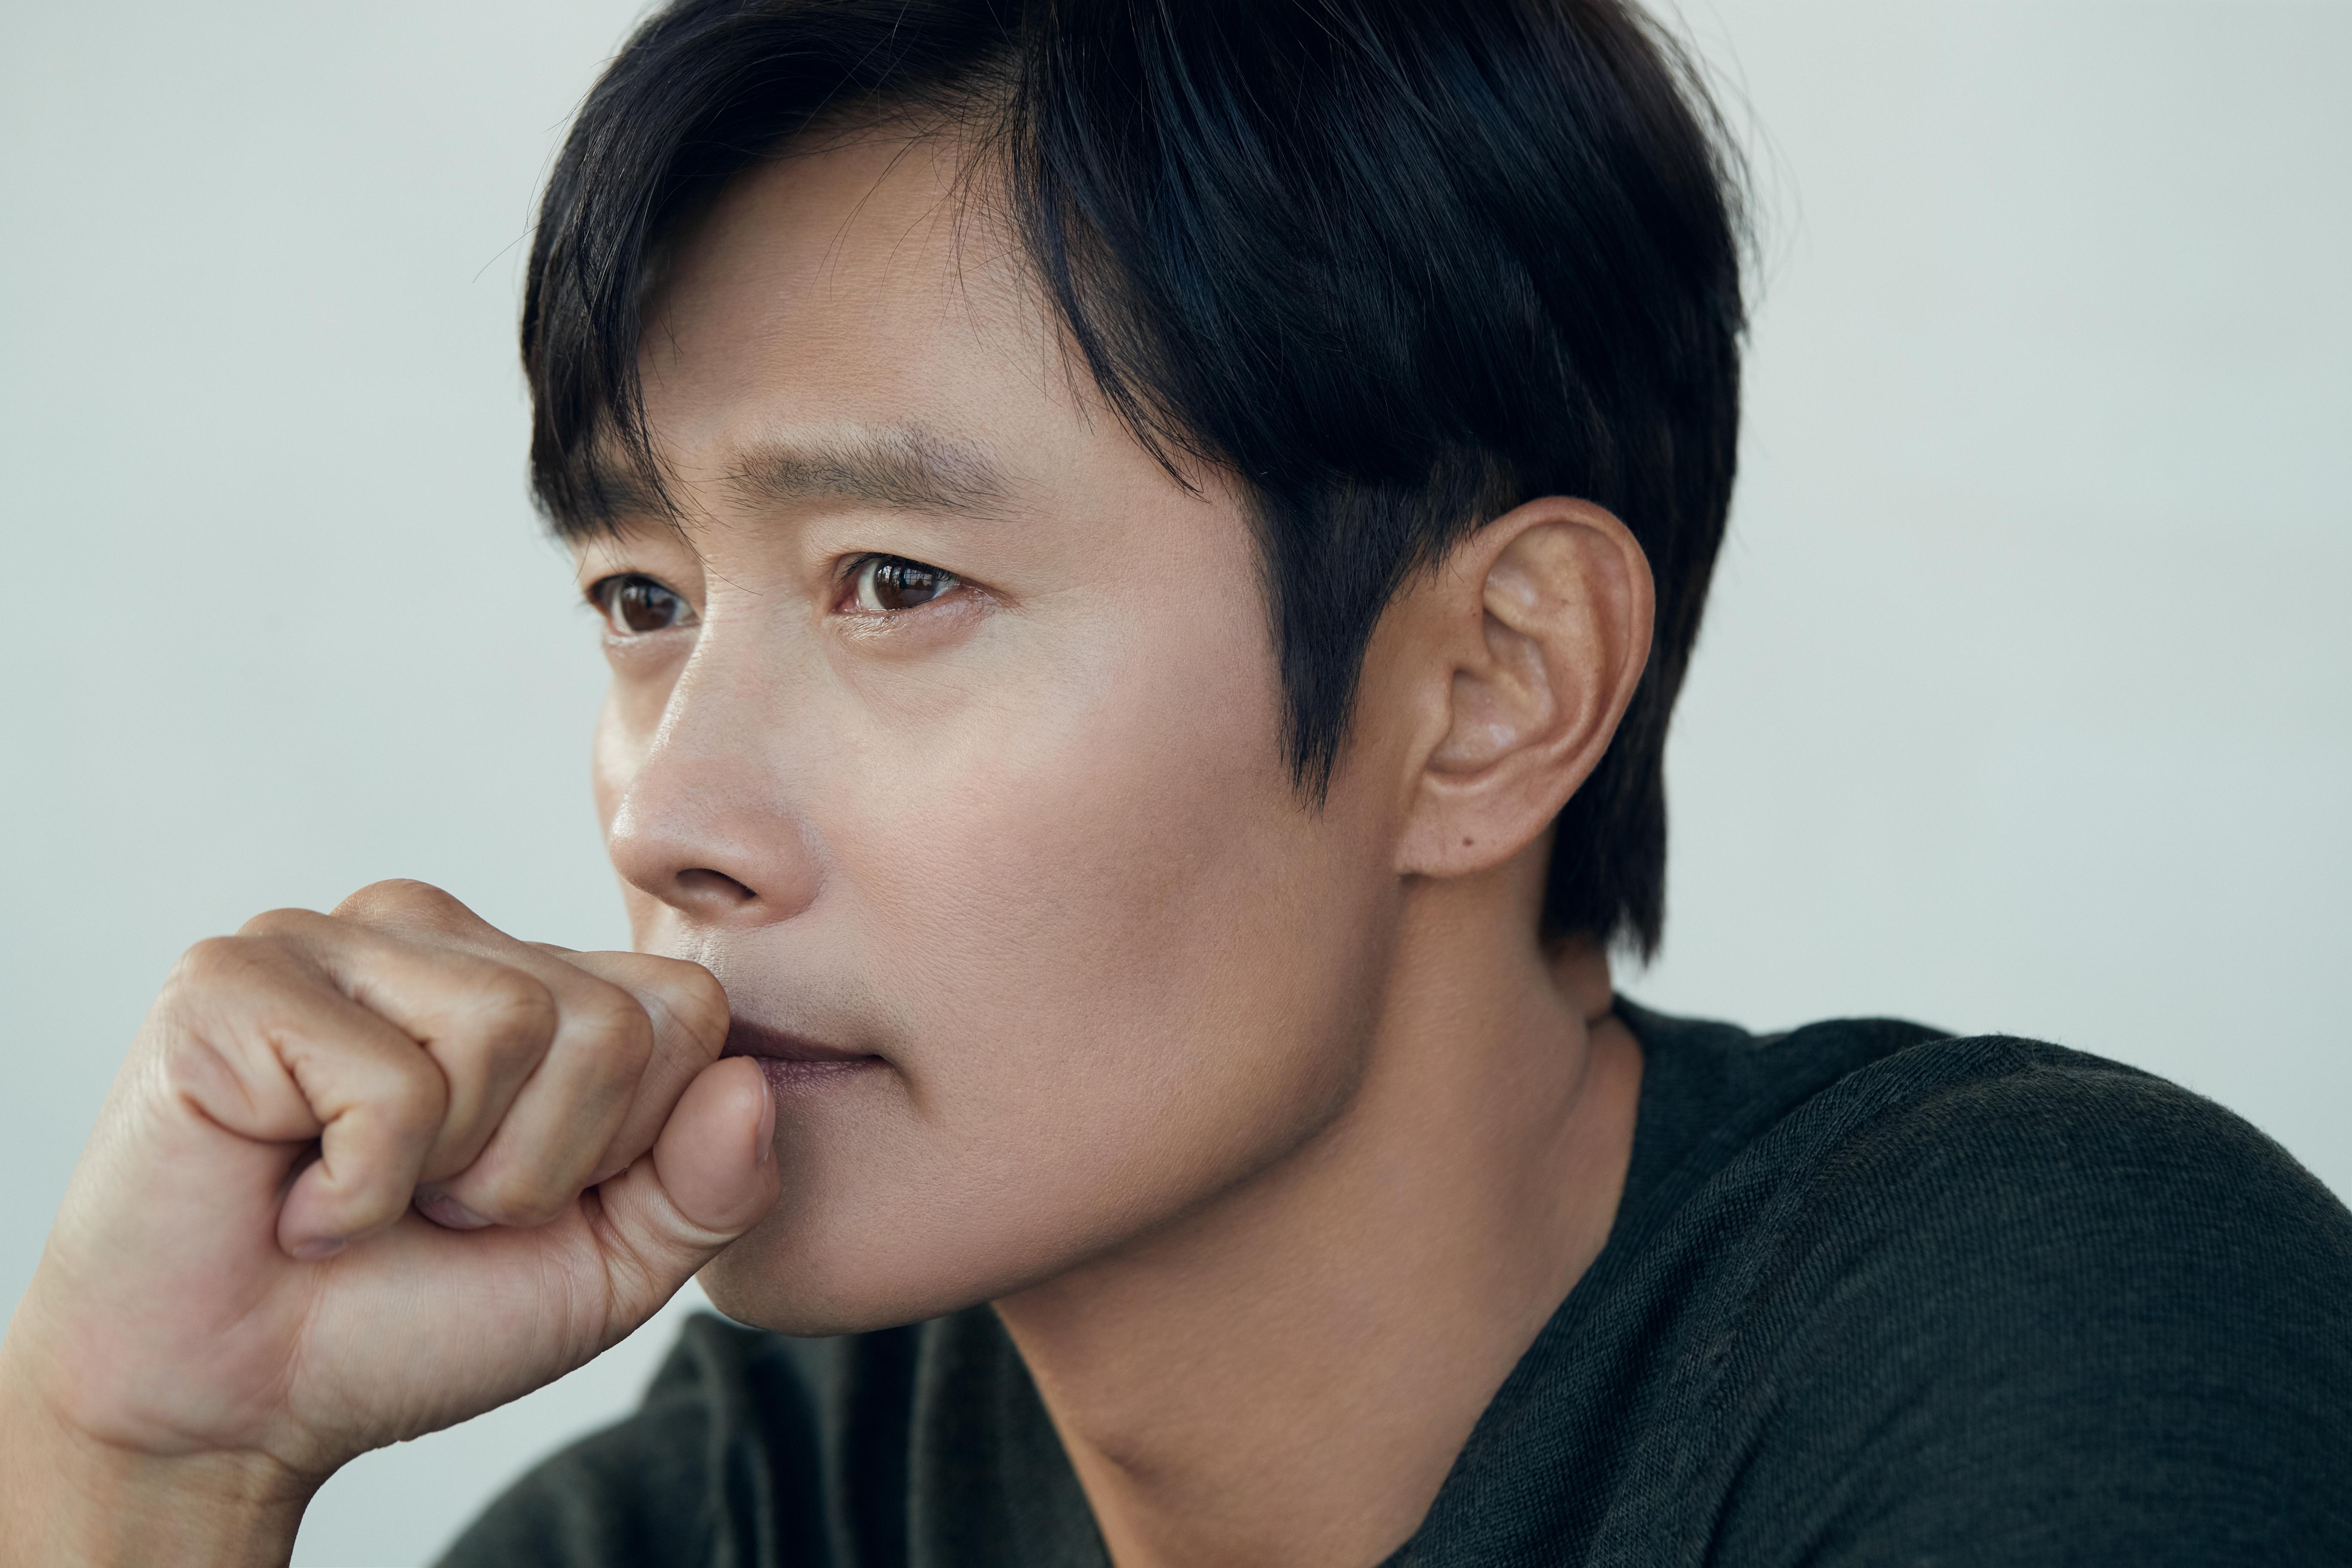 """[人스타] 이병헌 """"한국영화가 가진 힘과 파급력은 미국 영화 못지 않아"""""""